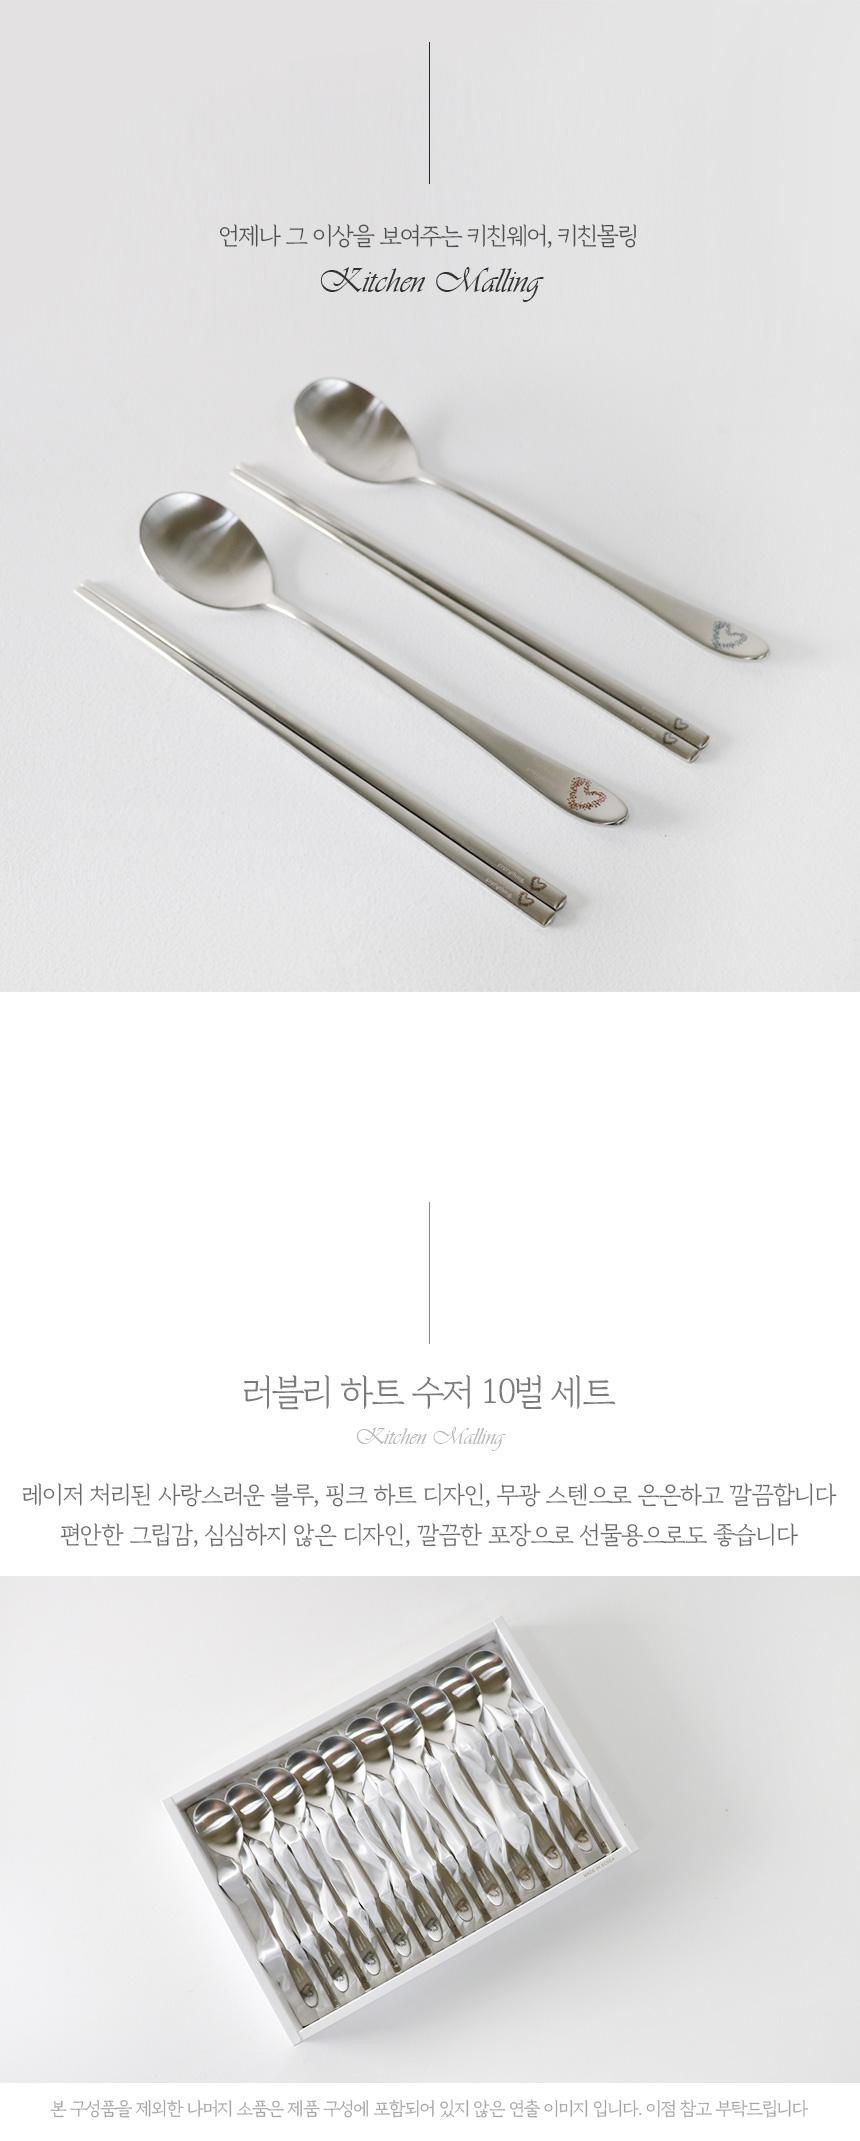 러블리하트 스텐 수저 10벌세트 - 키친몰링, 48,000원, 숟가락/젓가락/스틱, 숟가락/젓가락 세트